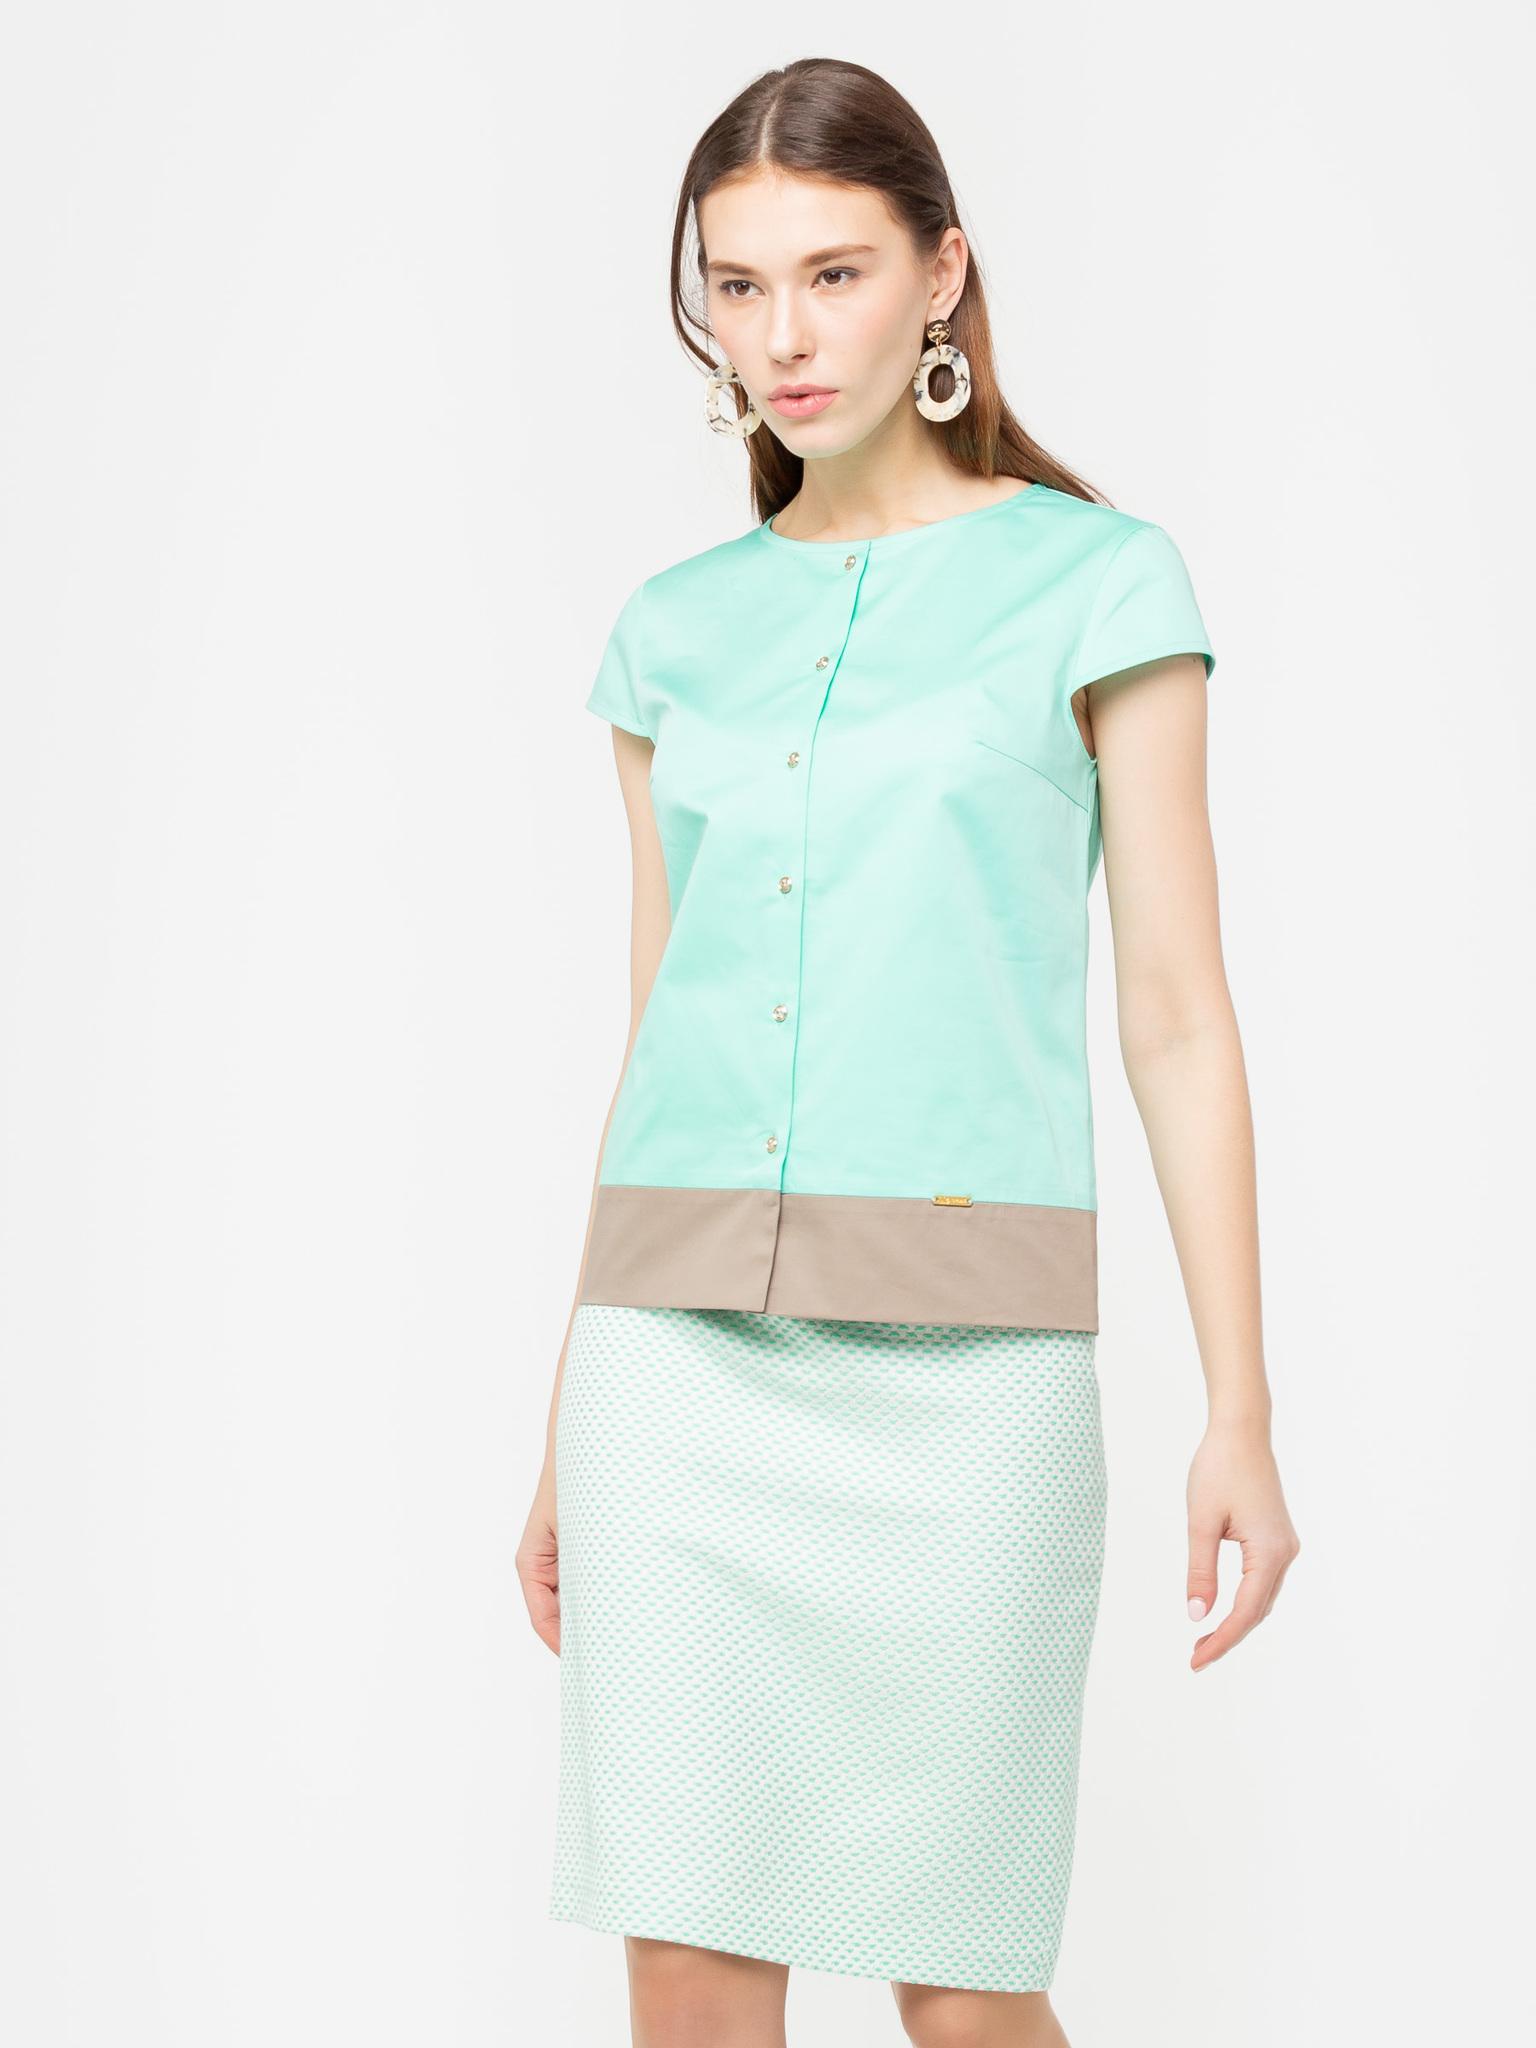 Блуза Г620-516 - Хлопковая блуза прямого силуэта с небольшим рукавчиком. Прекрасный летний вариант для офиса, хорошо сочетается с юбками и брюками.